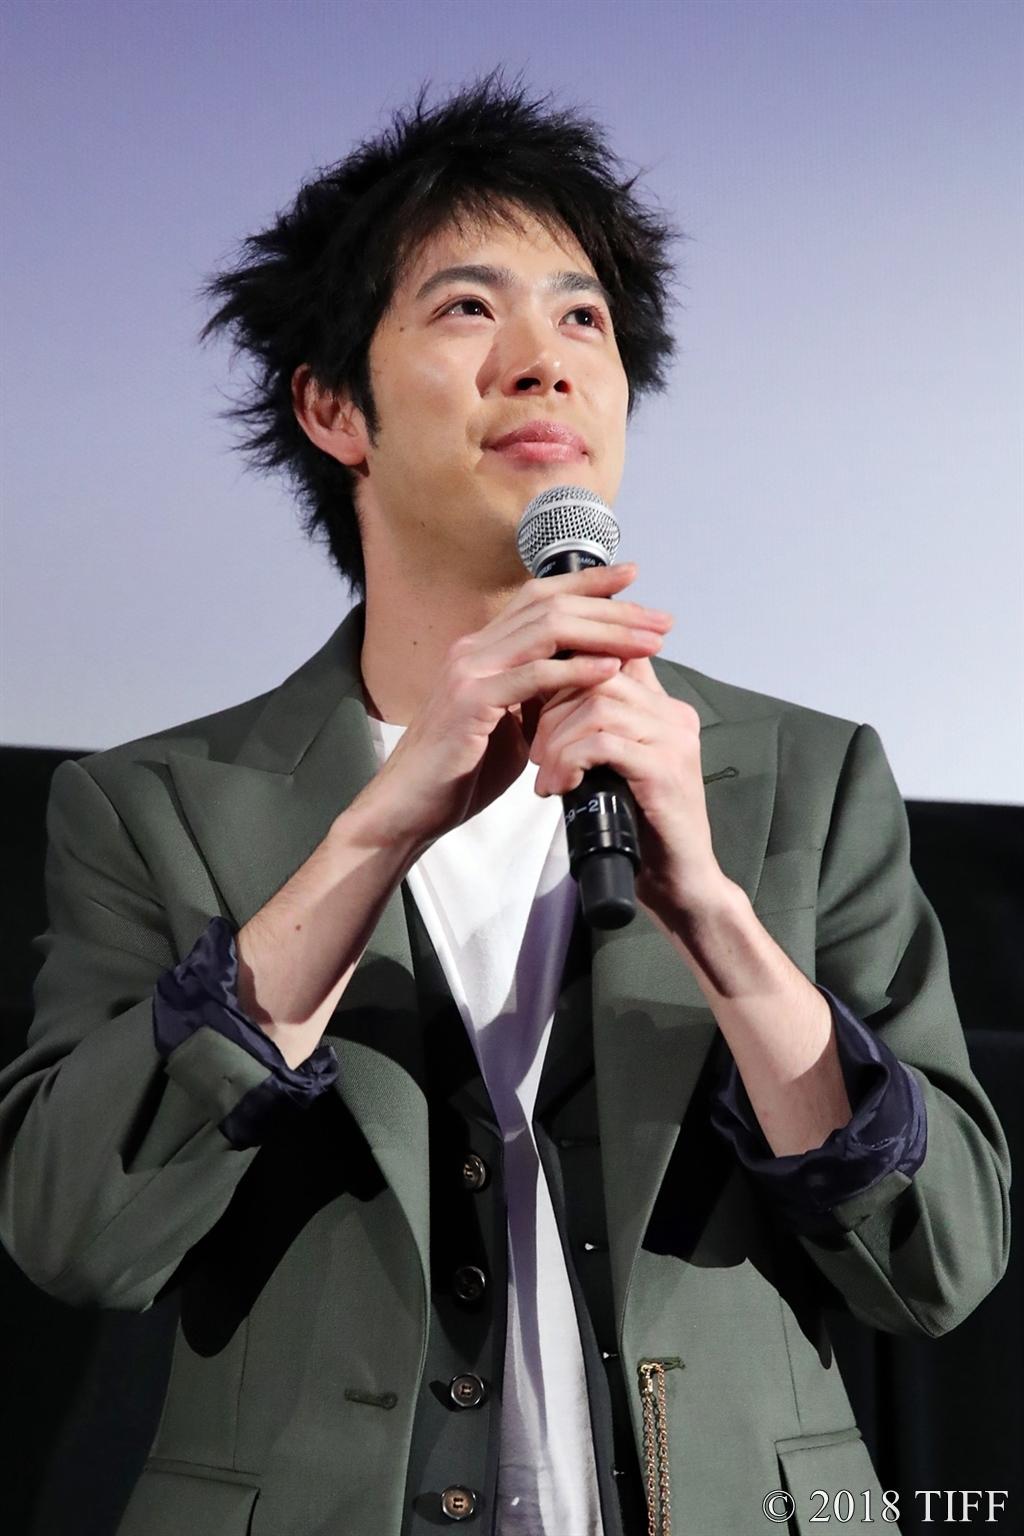 【写真】第31回東京国際映画祭(TIFF) 特別招待作品『ギャングース』舞台挨拶 (渡辺大知)